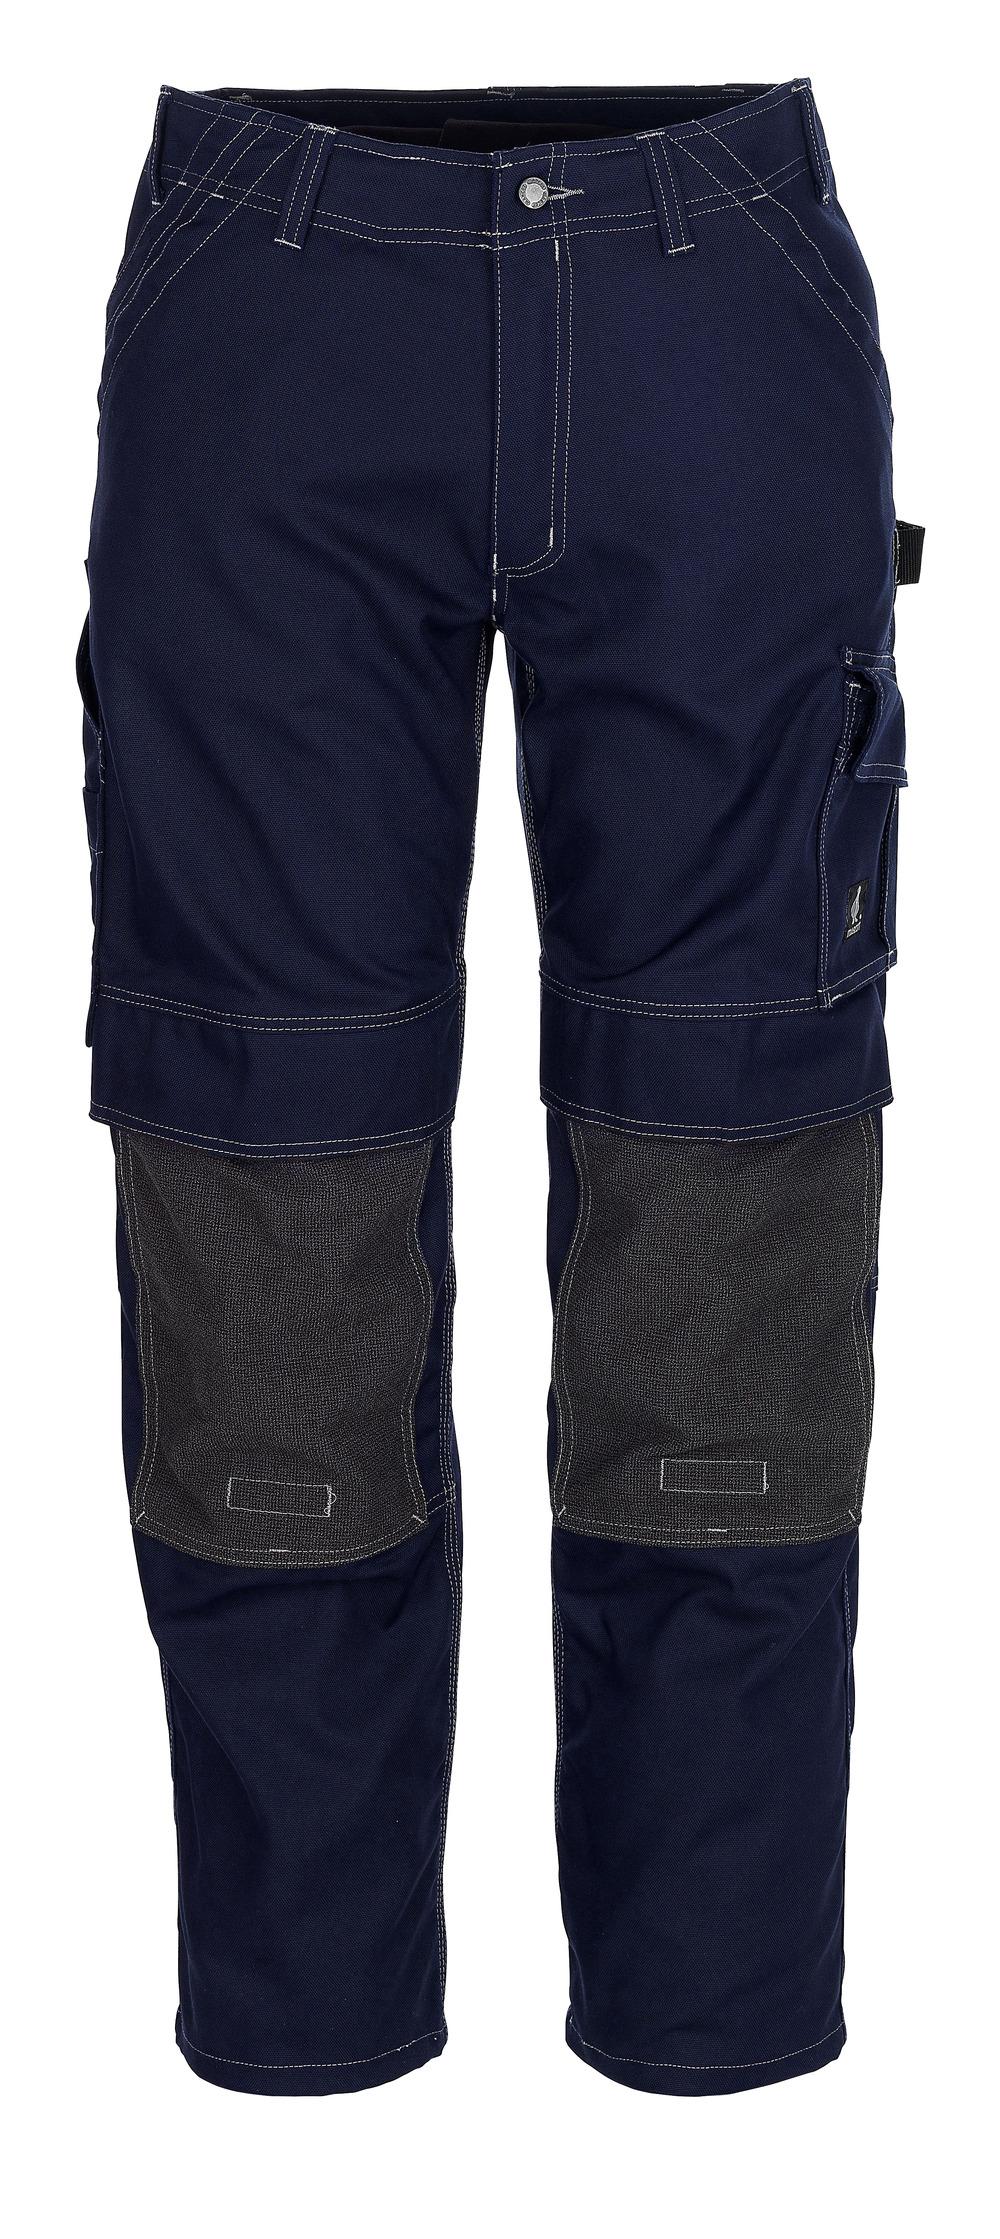 05079-010-01 Spodnie z kieszeniami na kolanach - granat